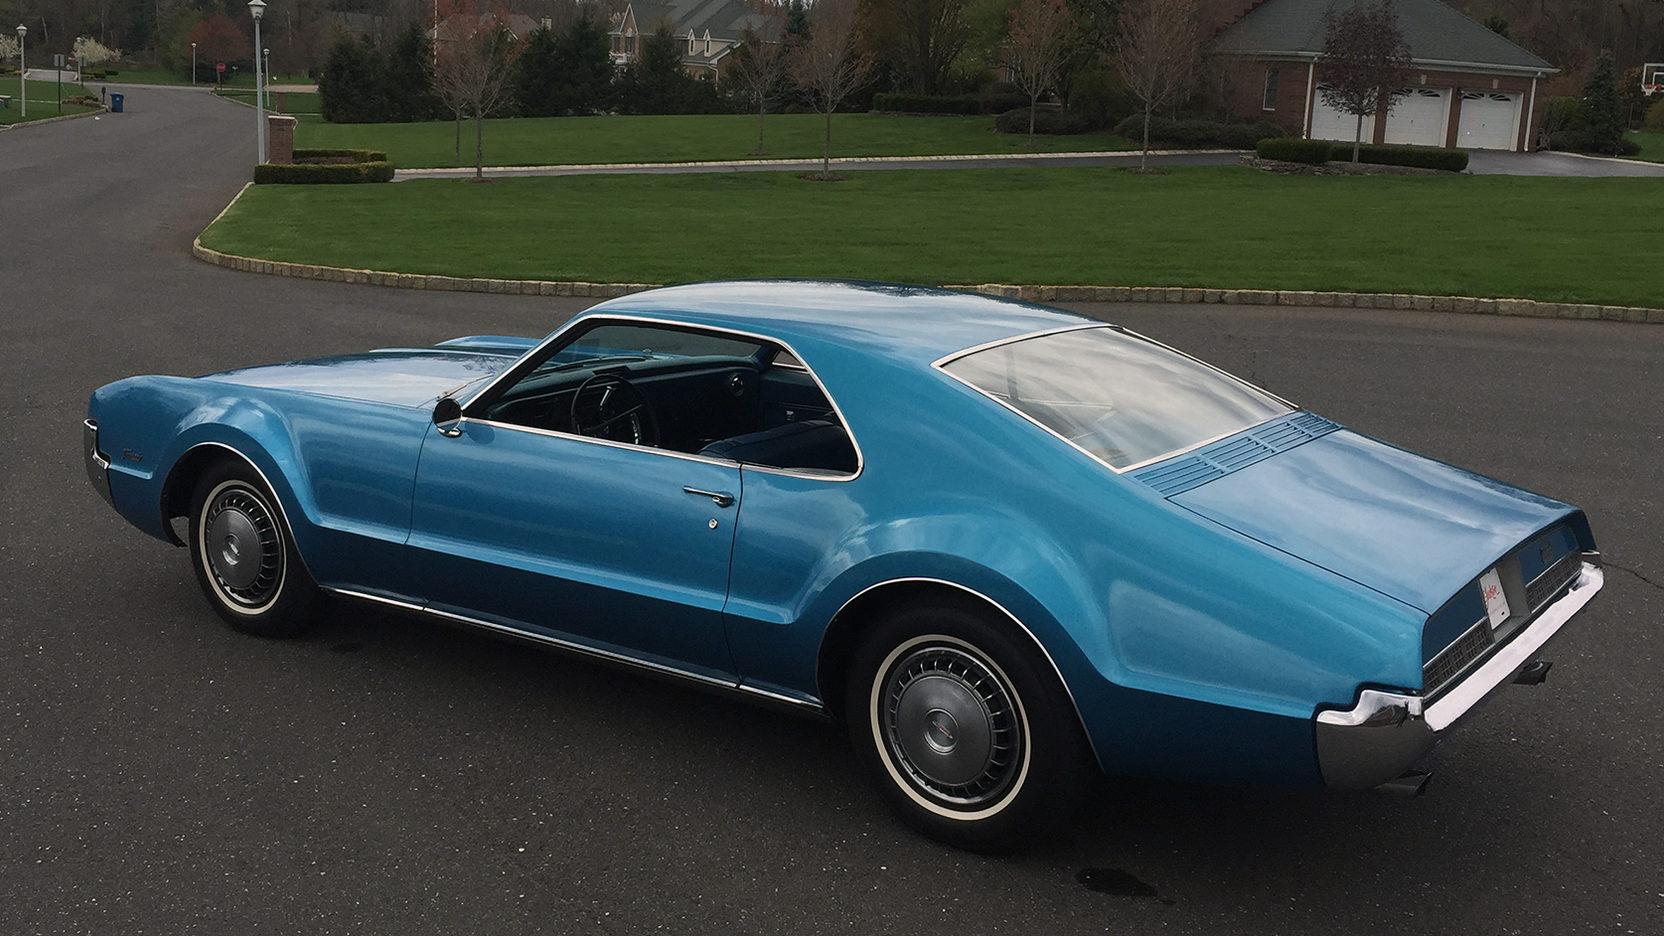 1967 Oldsmobile Toronado rear 3/4